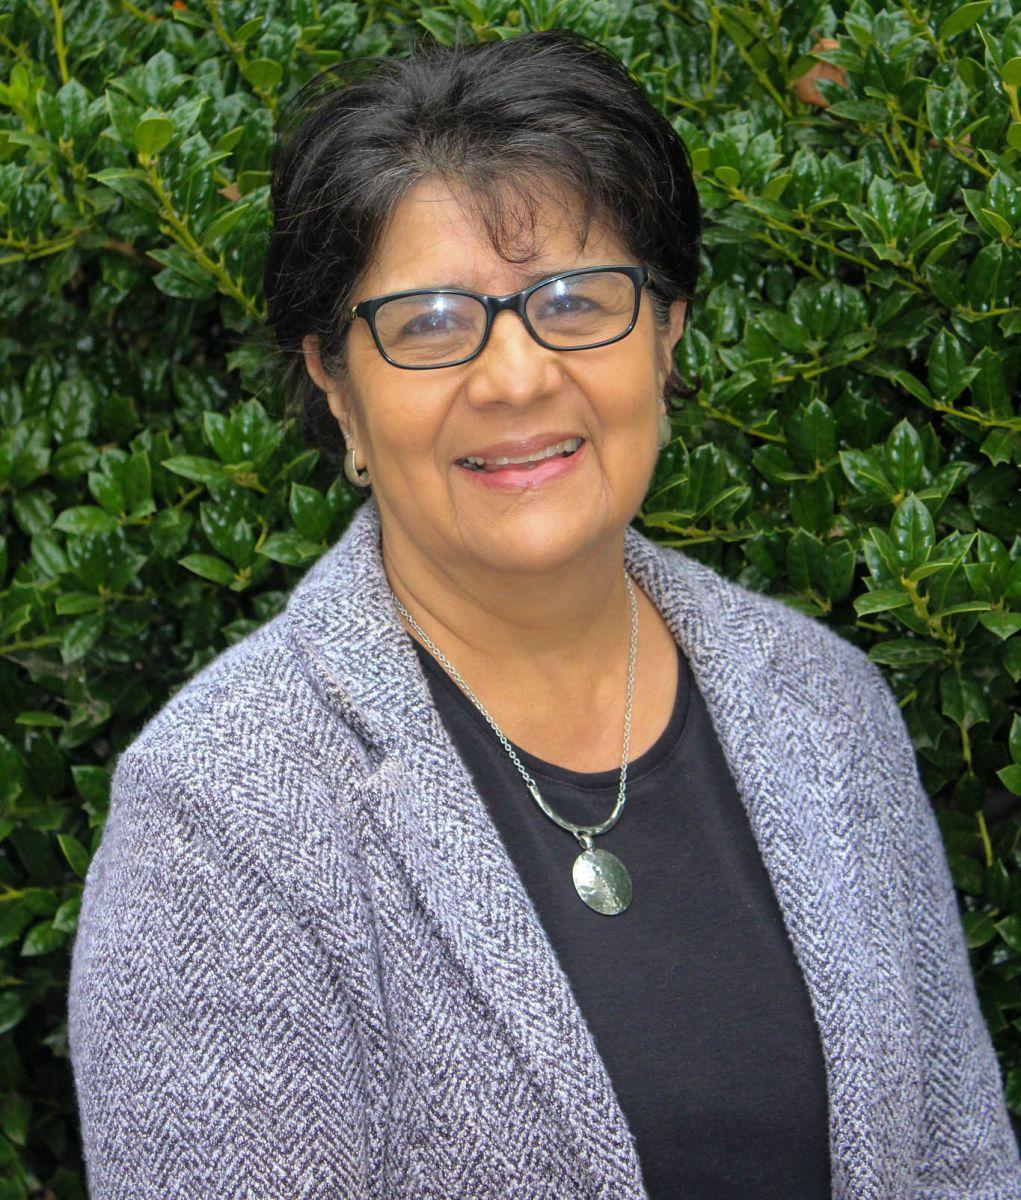 MEDP Board Member Teresa Smith